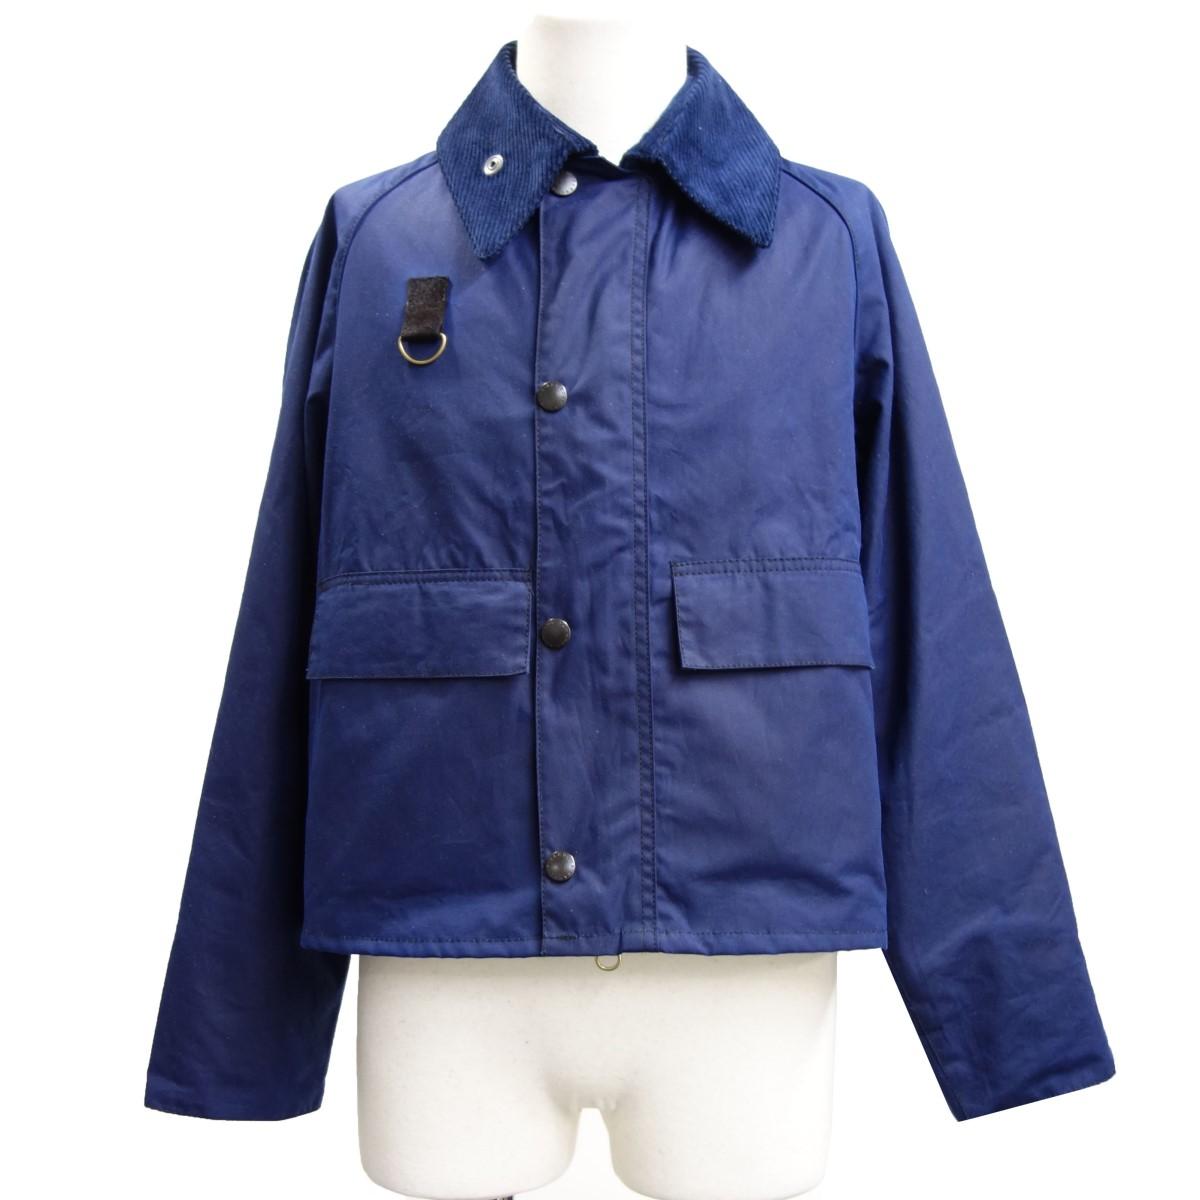 【中古】Barbour 「SPEY JACKET」 スペイオイルドジャケット ネイビー サイズ:XS 【190520】(バブアー)